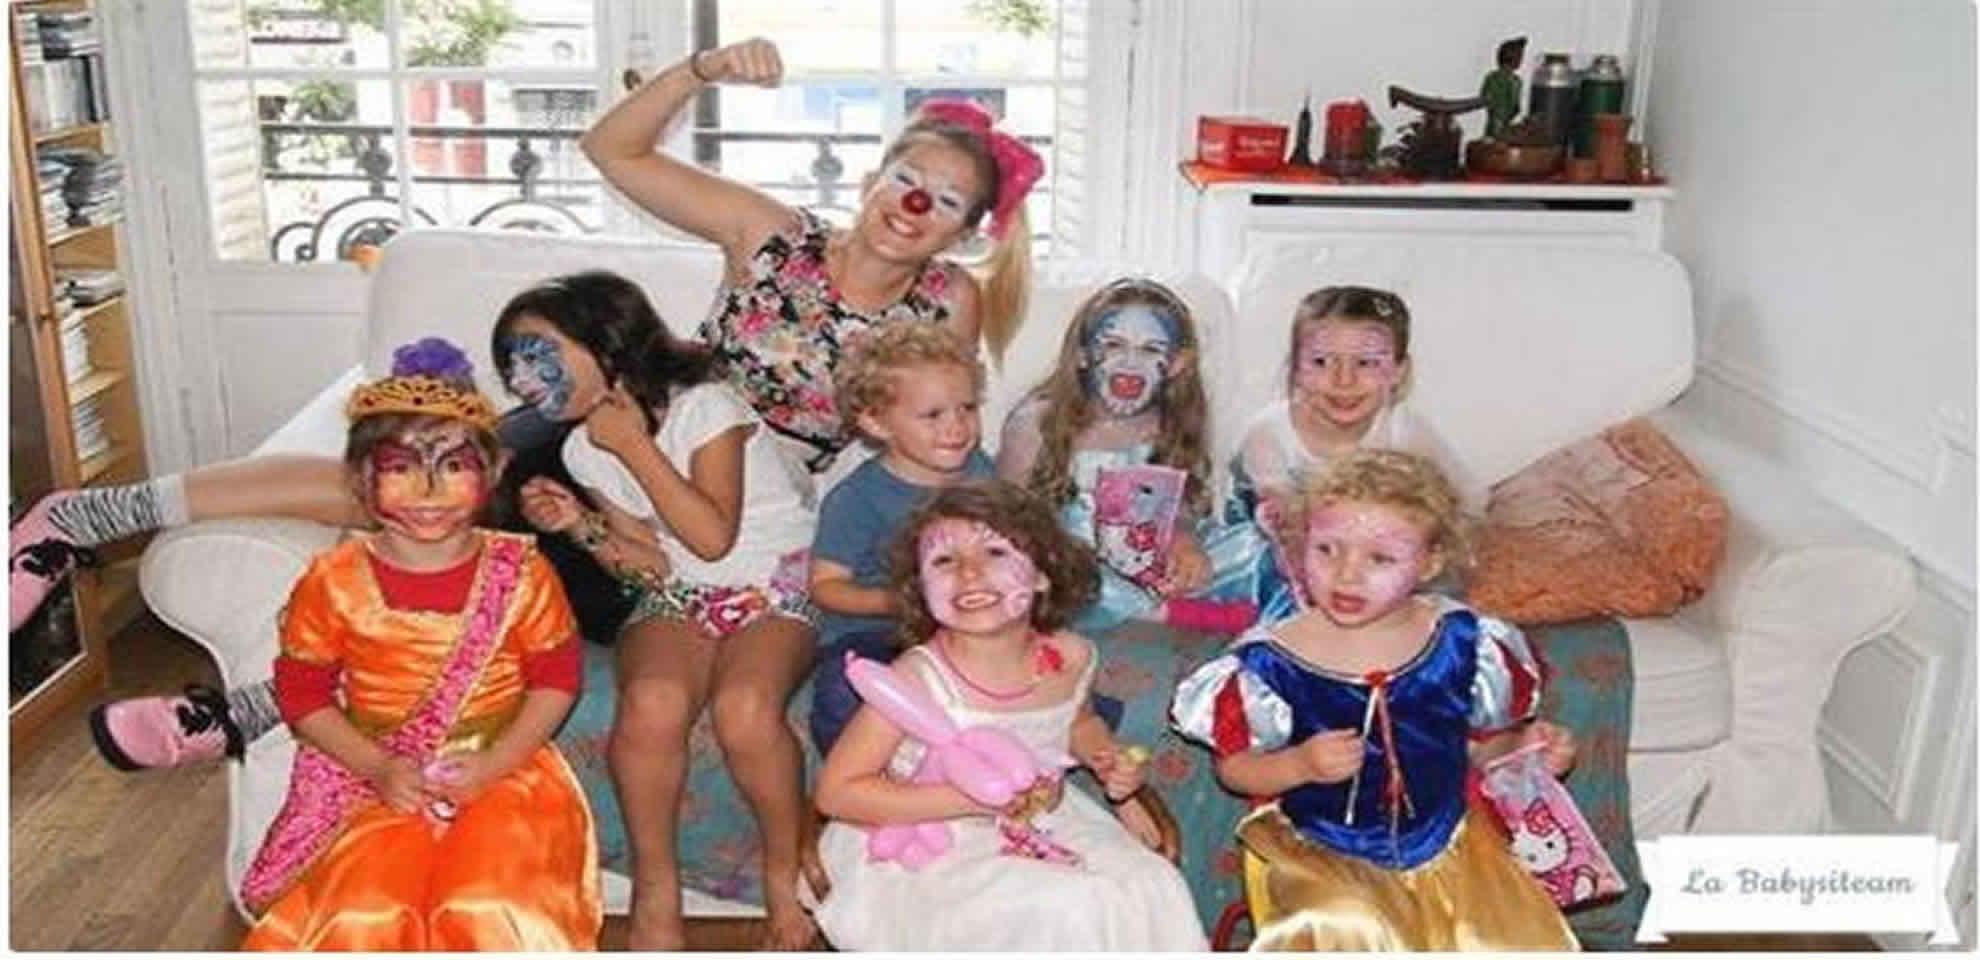 La Babysiteam : Spectacle enfants, jeux, mariage